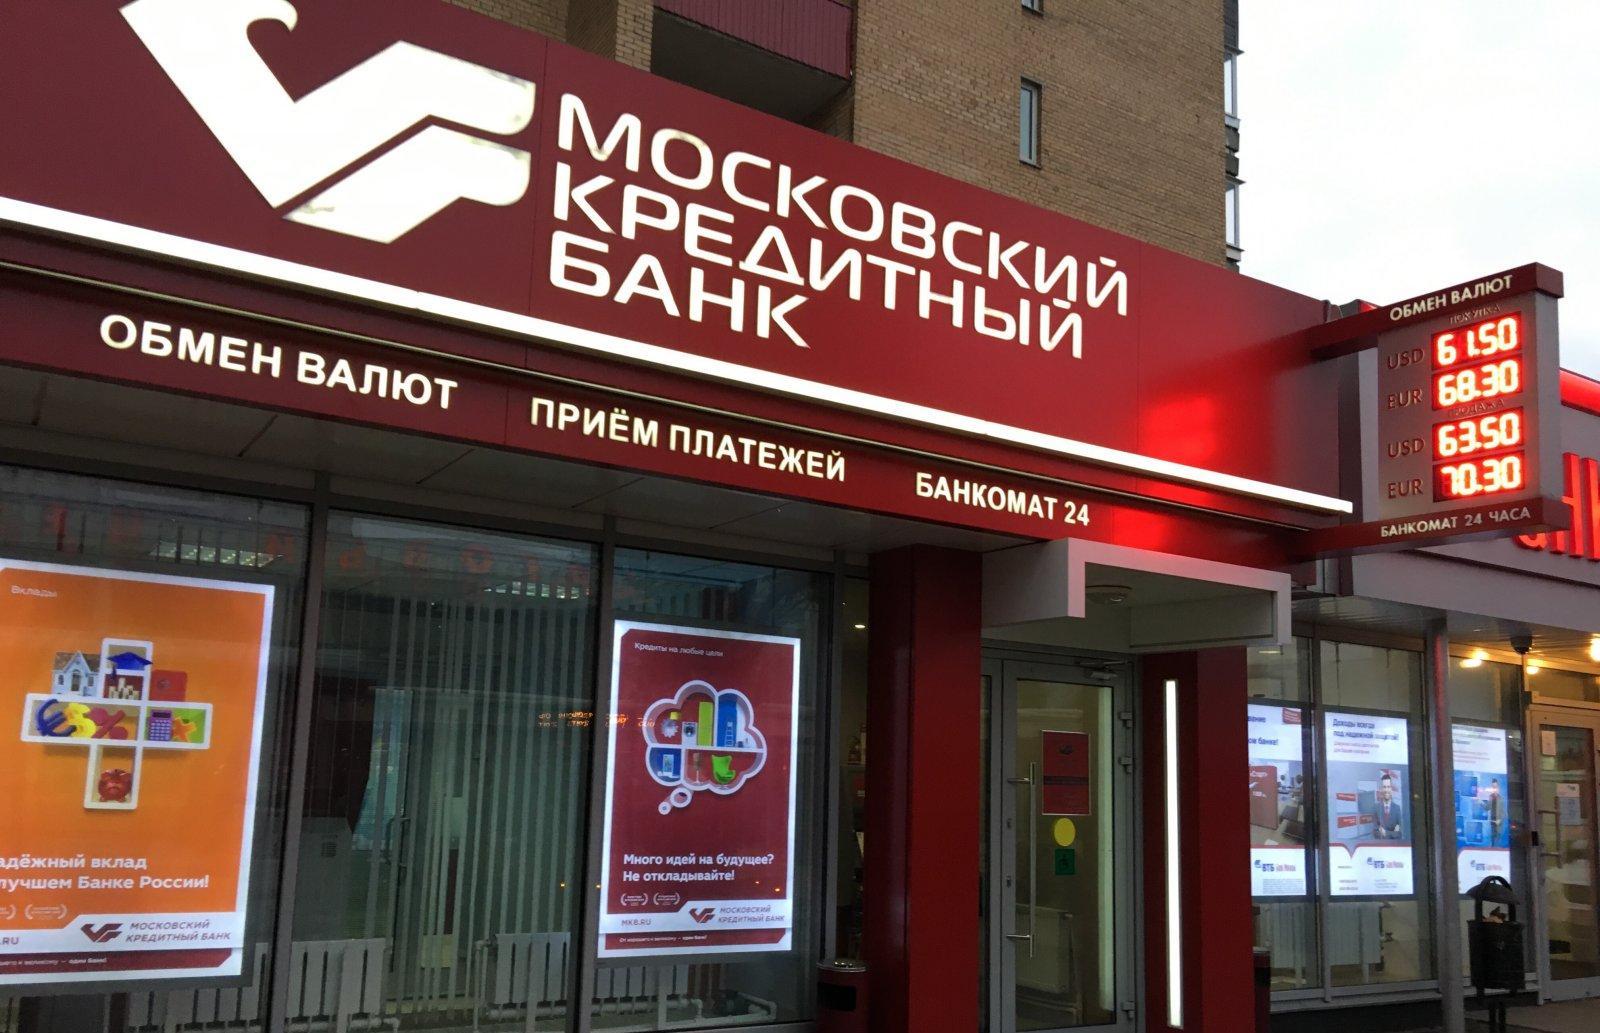 МКБ и «МегаФон» предлагают бизнесу особые условия - новости Афанасий